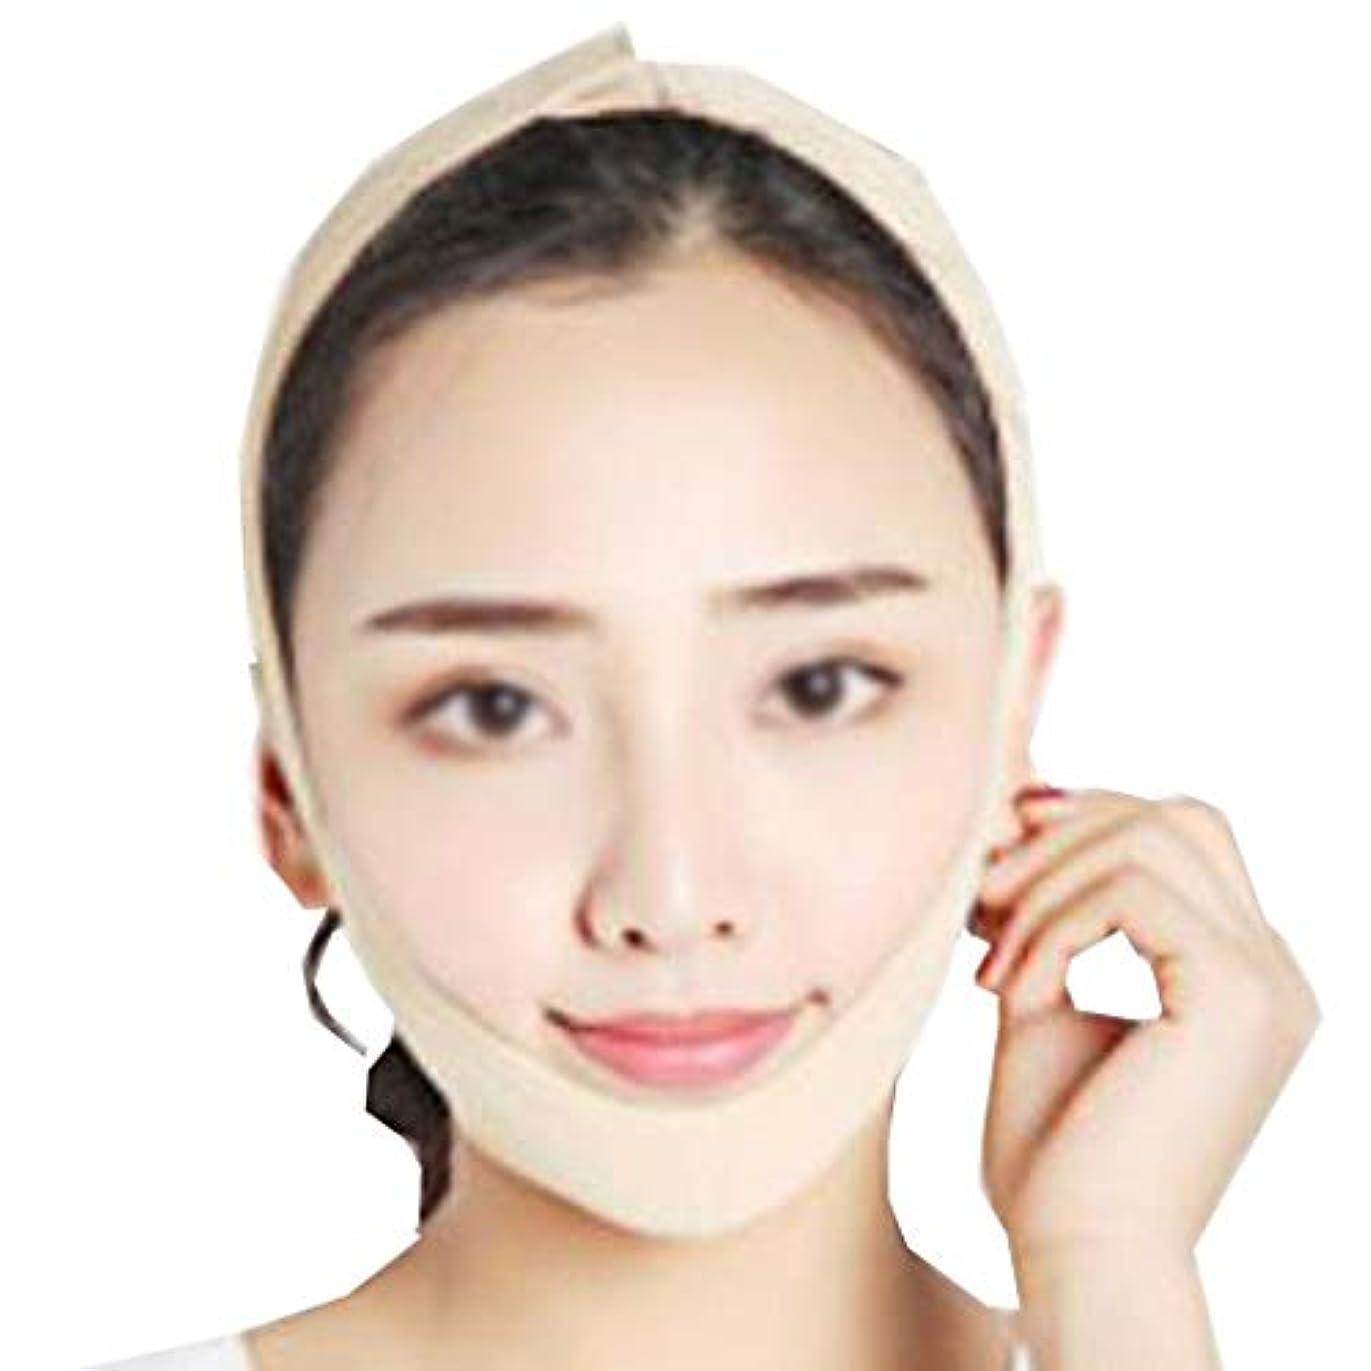 昼食贅沢取り囲むZWBD フェイスマスク, 細い二重顎の下の小さなVの顔の薄い顔の包帯ライン切り分ける術後の回復マスクの表面持ち上がるヘッドギアの束